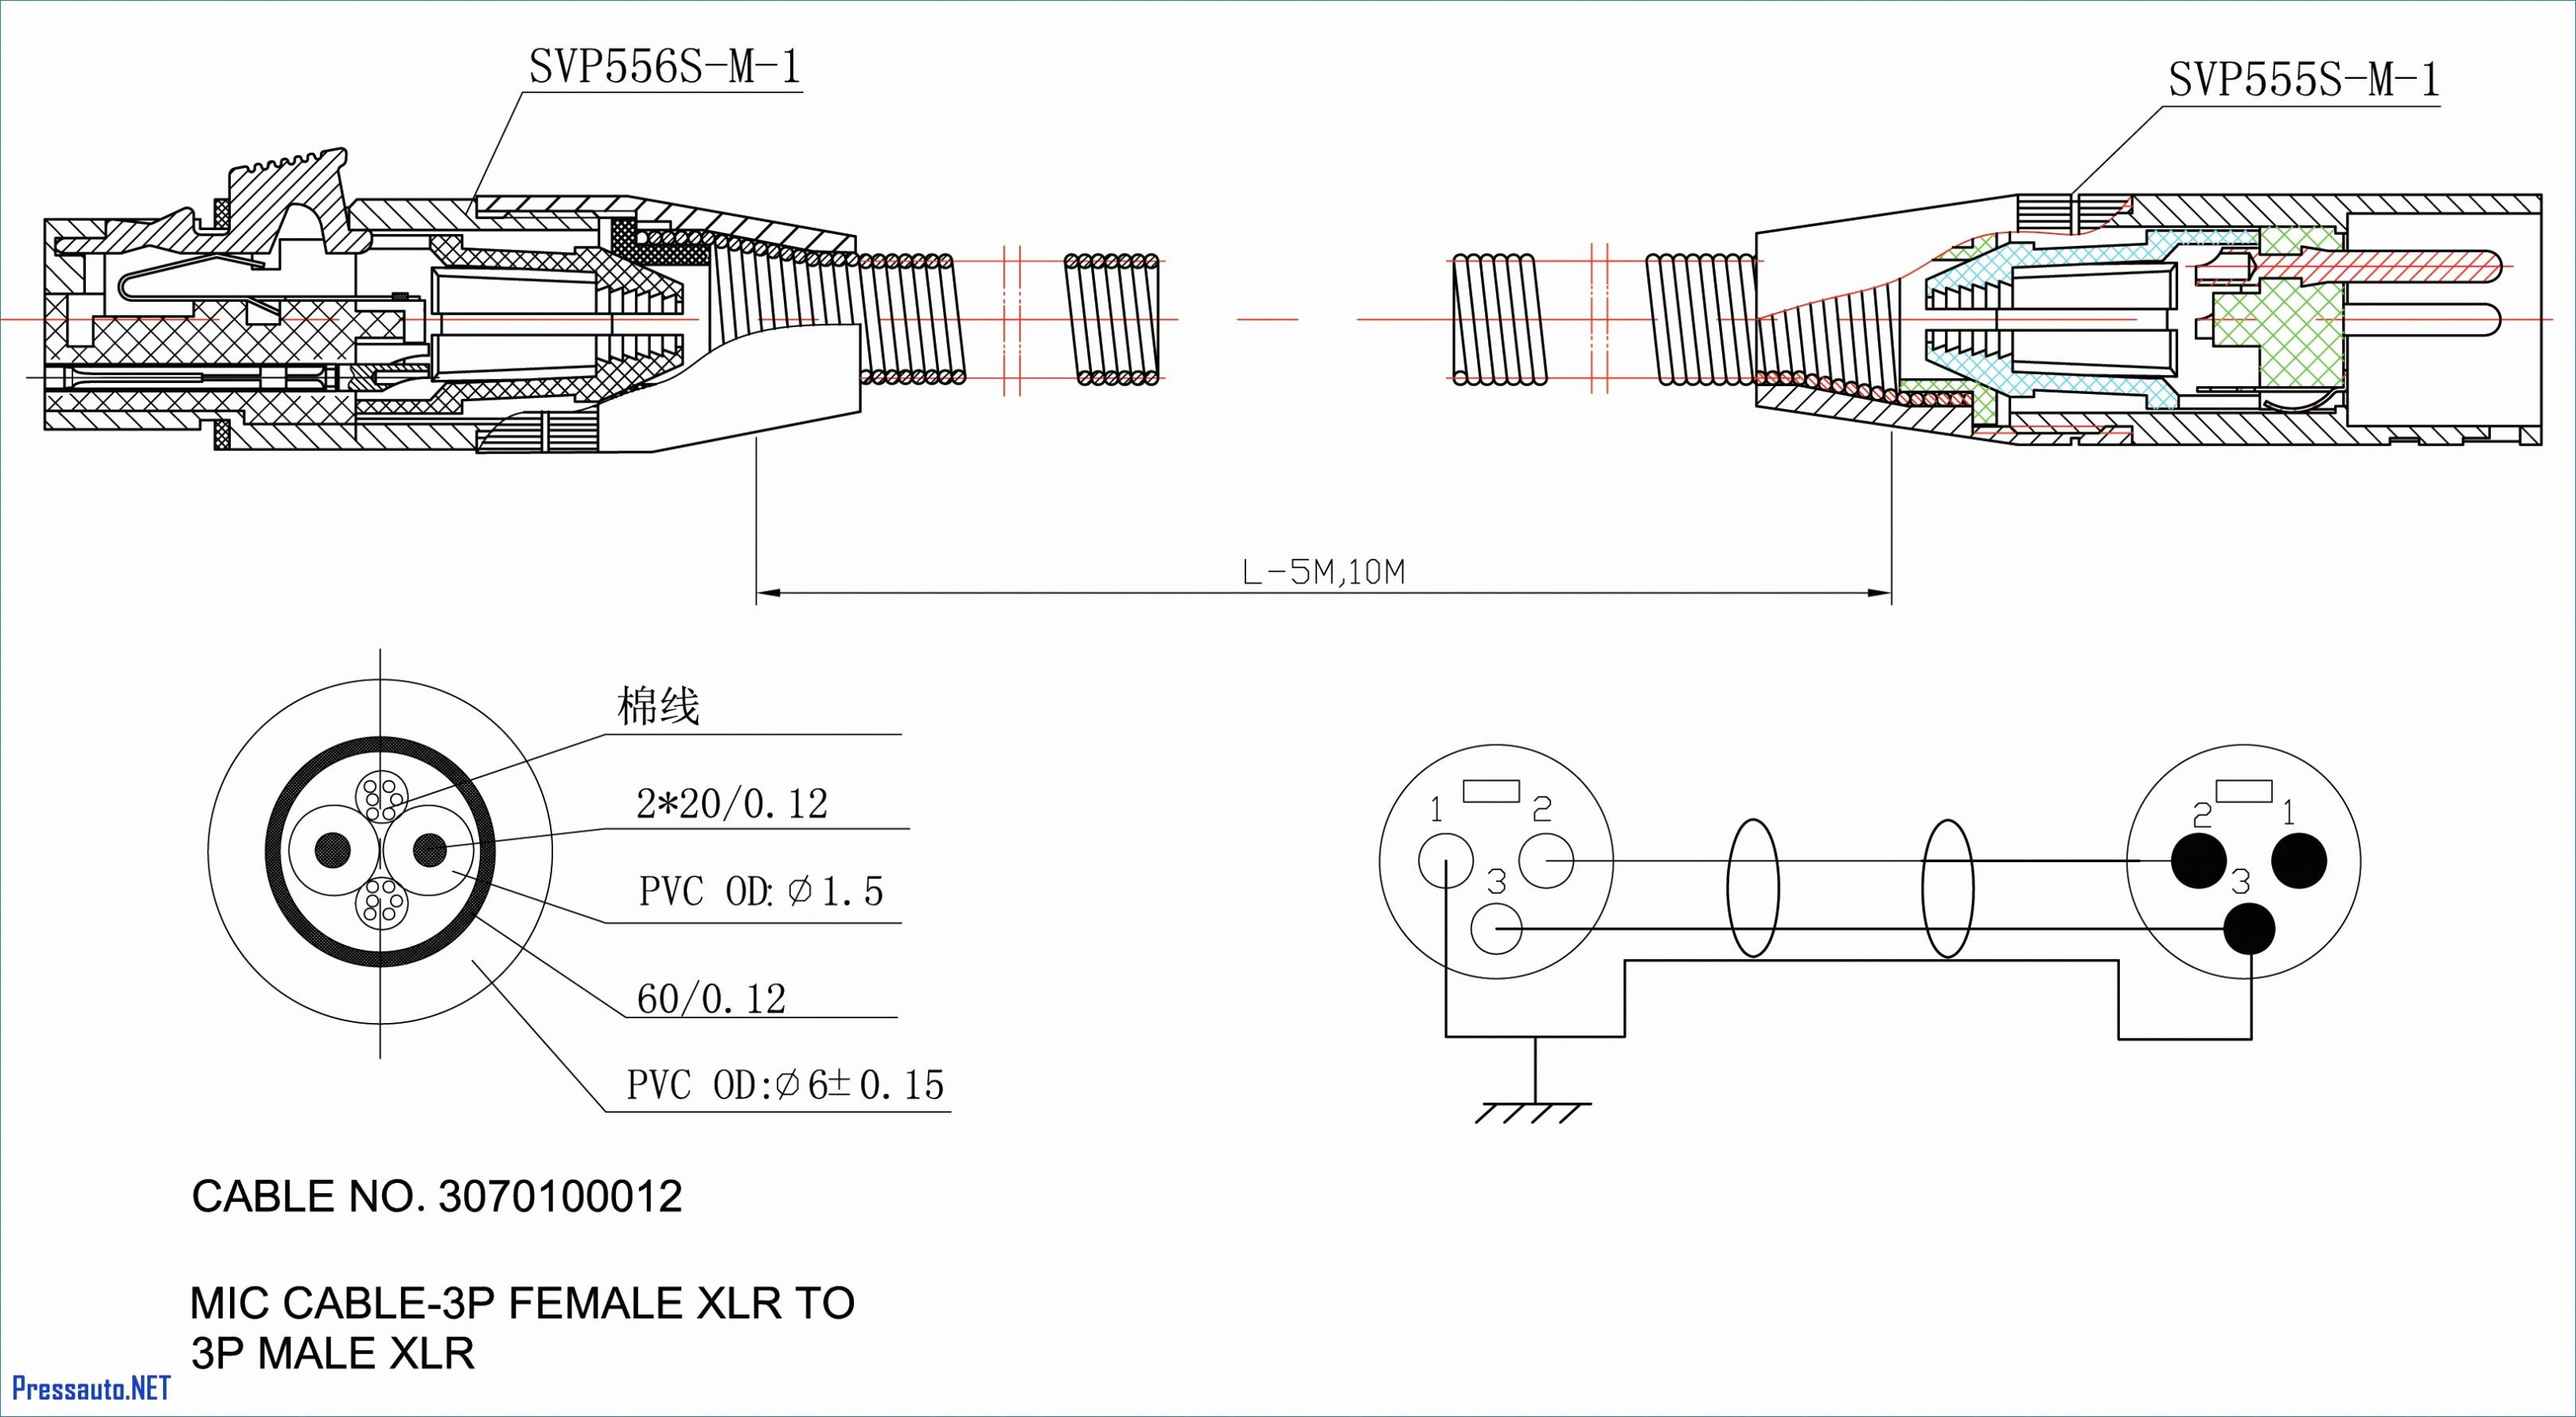 Garage Door Opener Parts Diagram Garage Ideas Chamberlainage Door Opener Parts Craftsman Of Garage Door Opener Parts Diagram